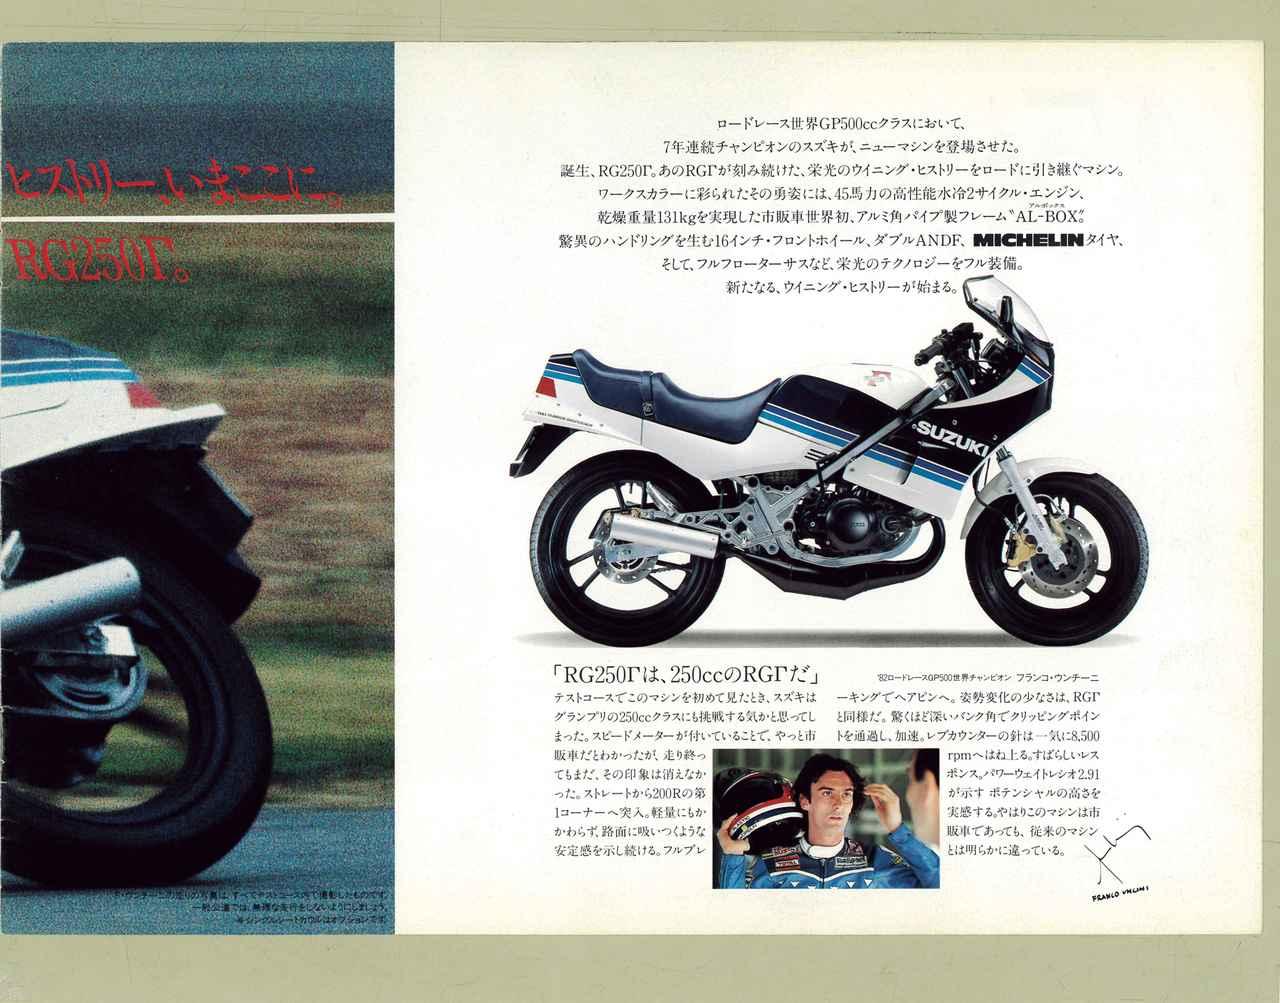 Images : 10番目の画像 - RG250Γの写真をまとめて見る - webオートバイ